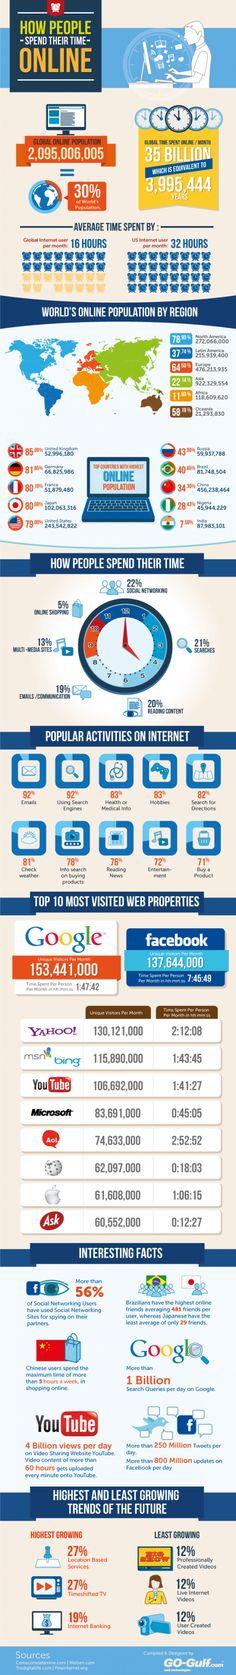 Internetnutzung weltweit: In Europa surft jeder Onliner durchschnittlich 16 Stunden pro Monat im Internet.  Infografik.